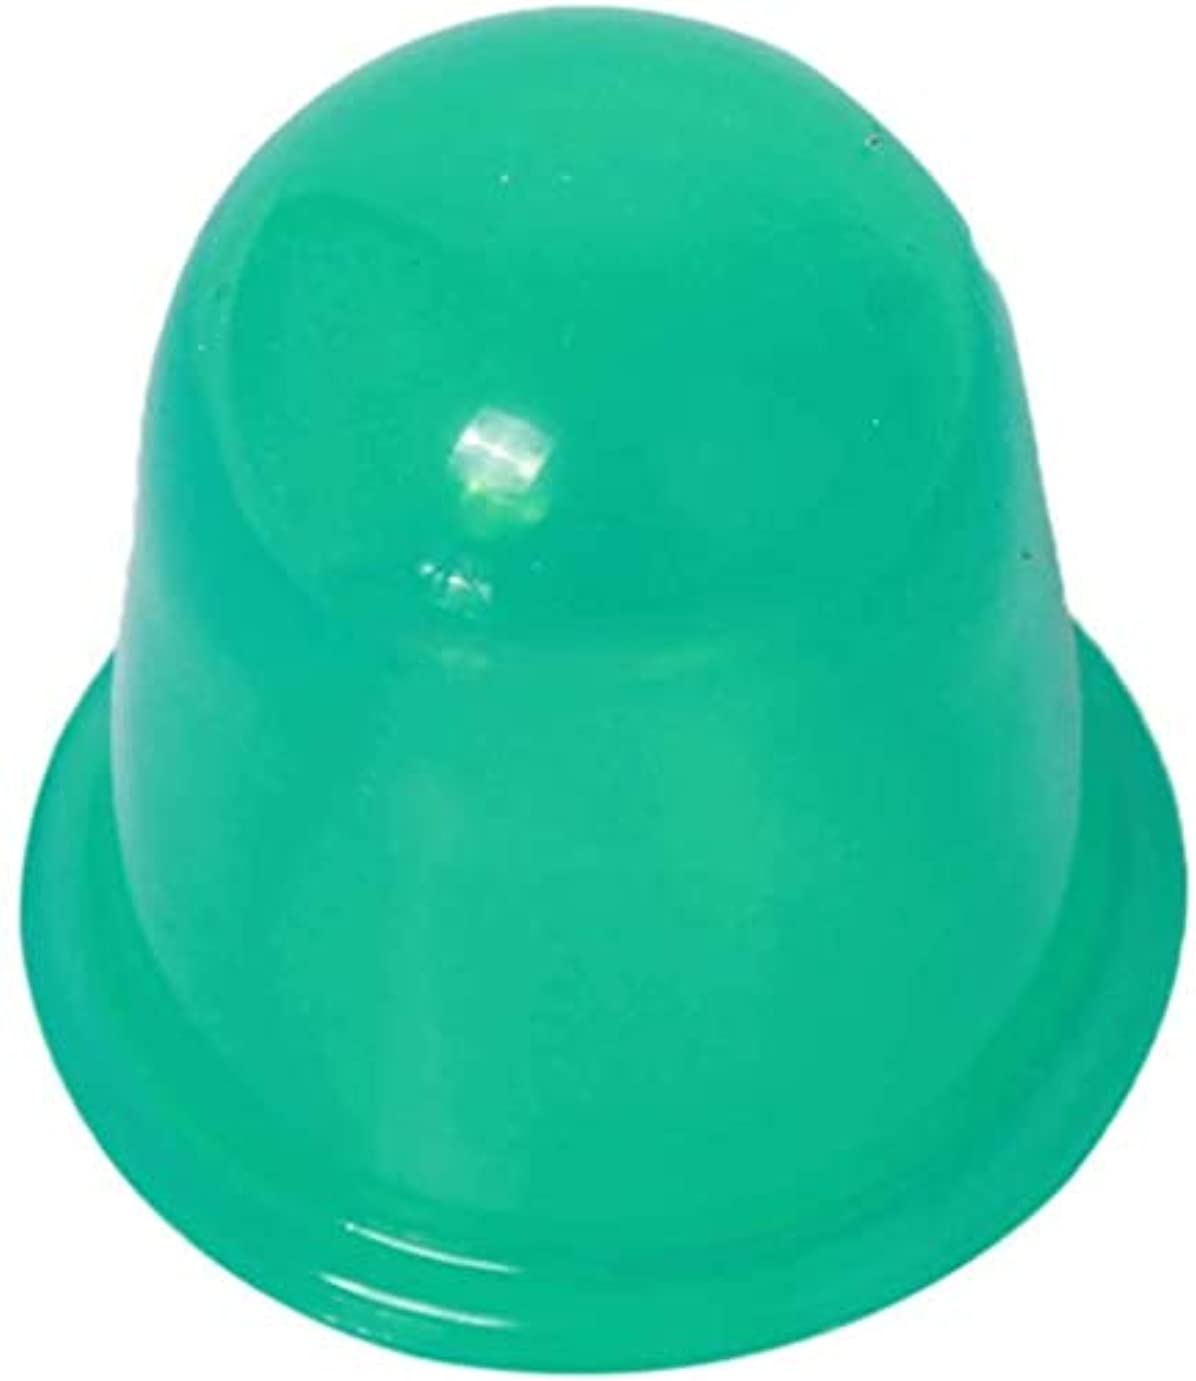 示すライナーシーンシリコーンカップ、浚渫経絡をカッピングカッピングデバイス、シリコンカッピングデバイス、バキューム、痛みを緩和し、血液循環を促進 (Color : 緑, Size : 2pcs)